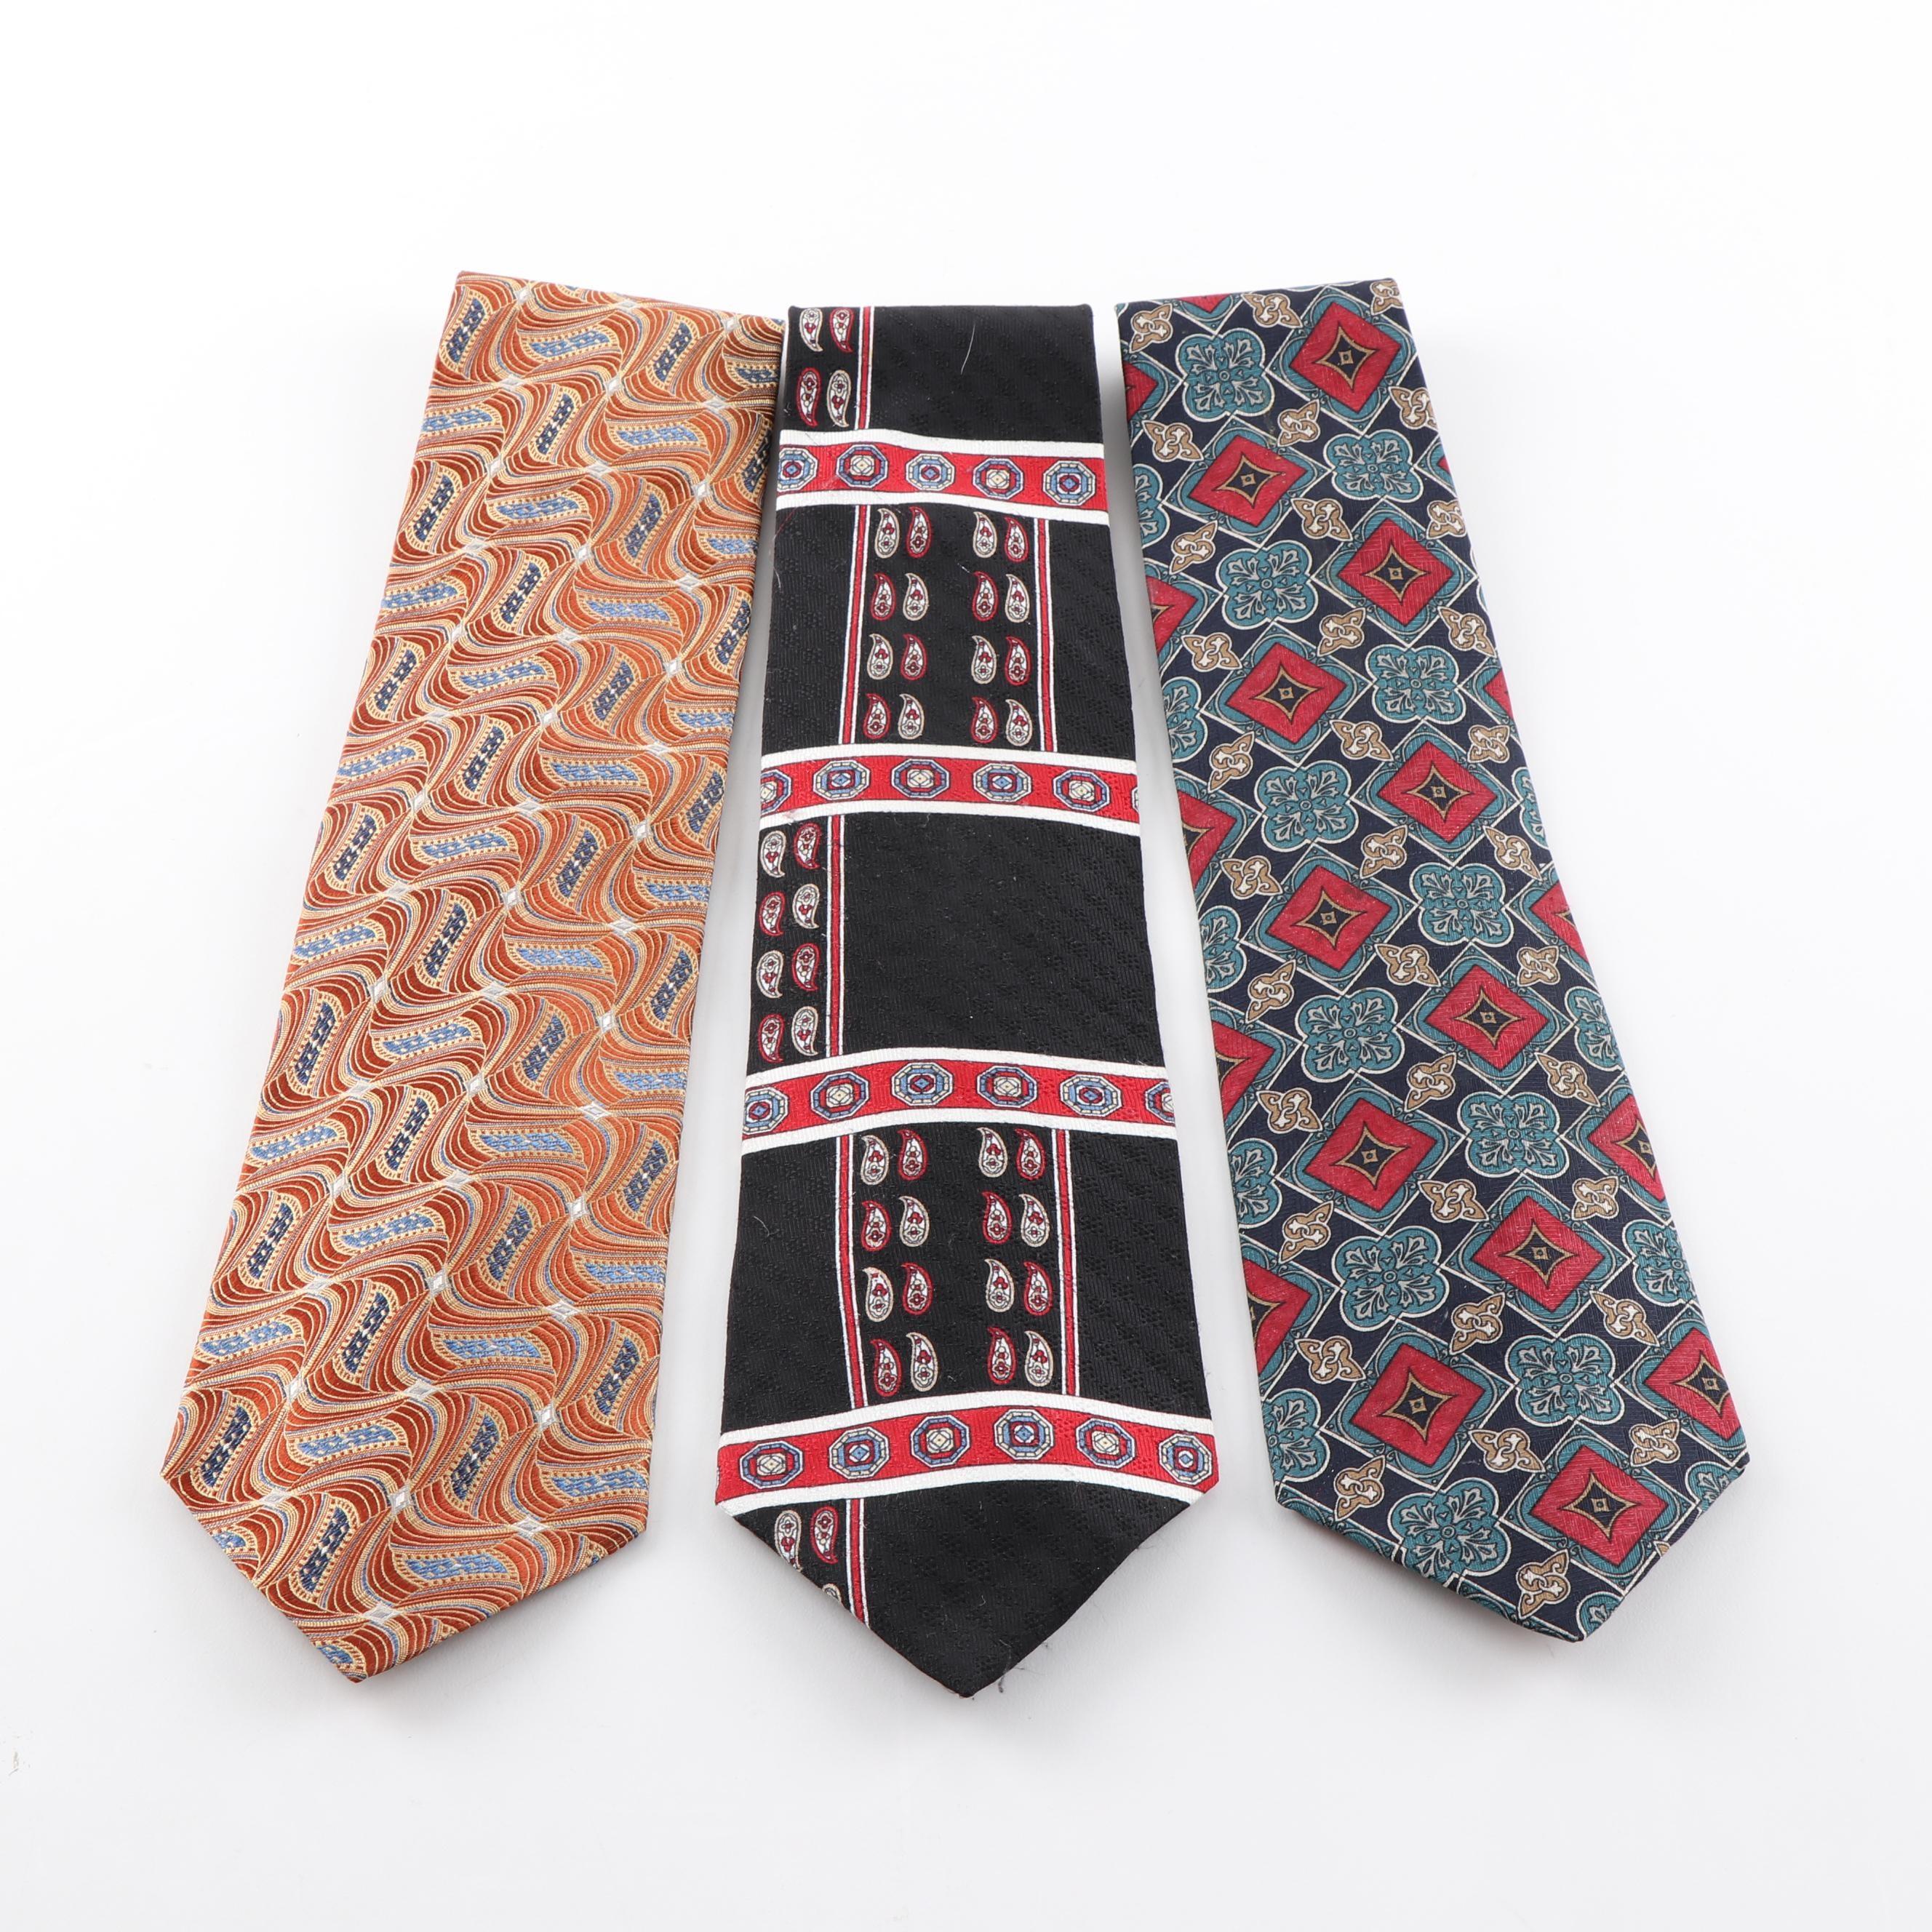 Men's Silk Neckties Featuring Oscar De La Renta and Christian Dior